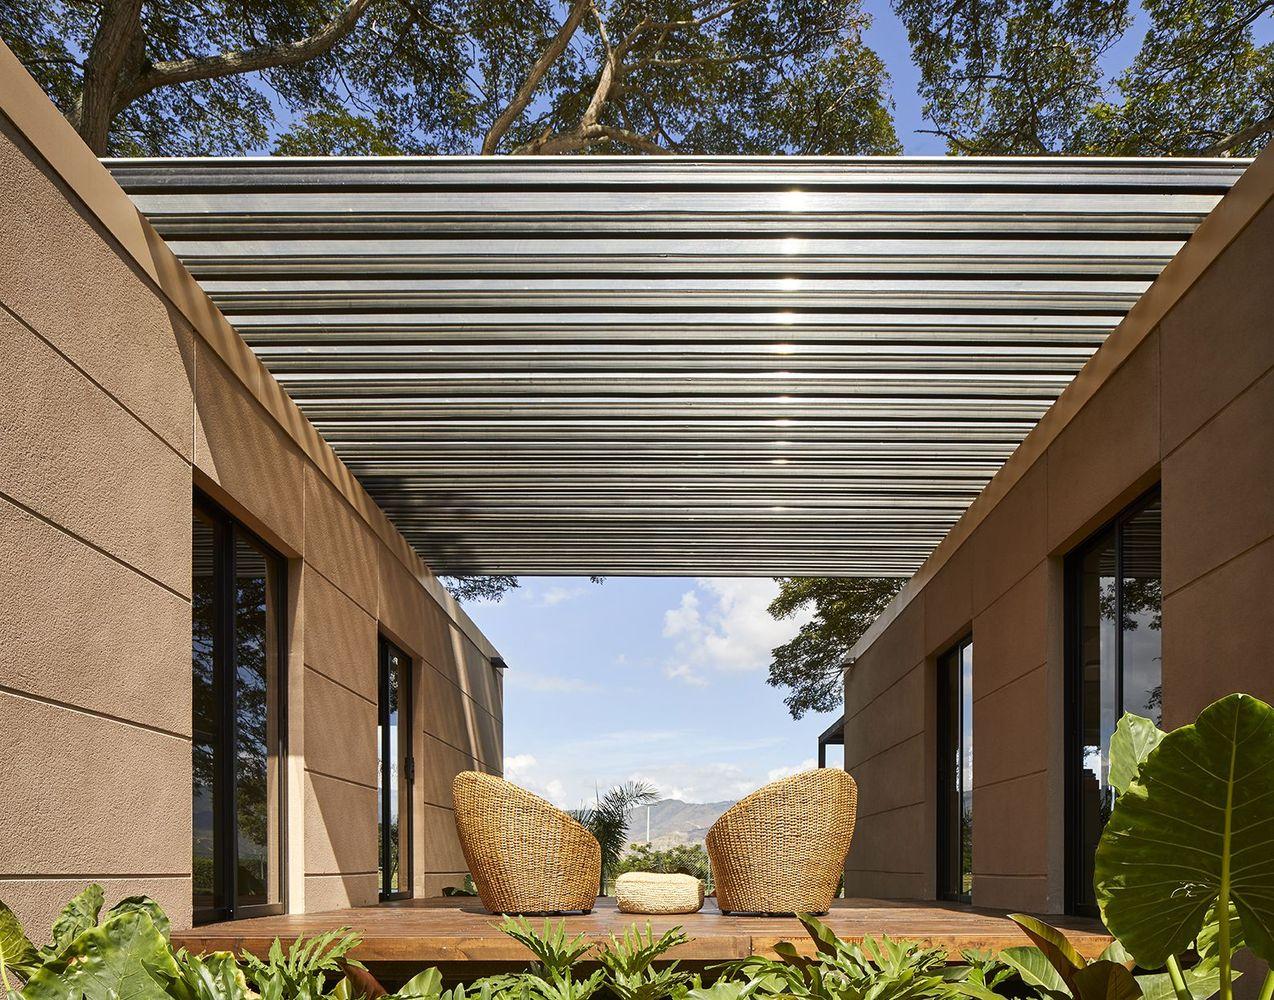 Mon Paradis House / Colectivo Creativo Arquitectos